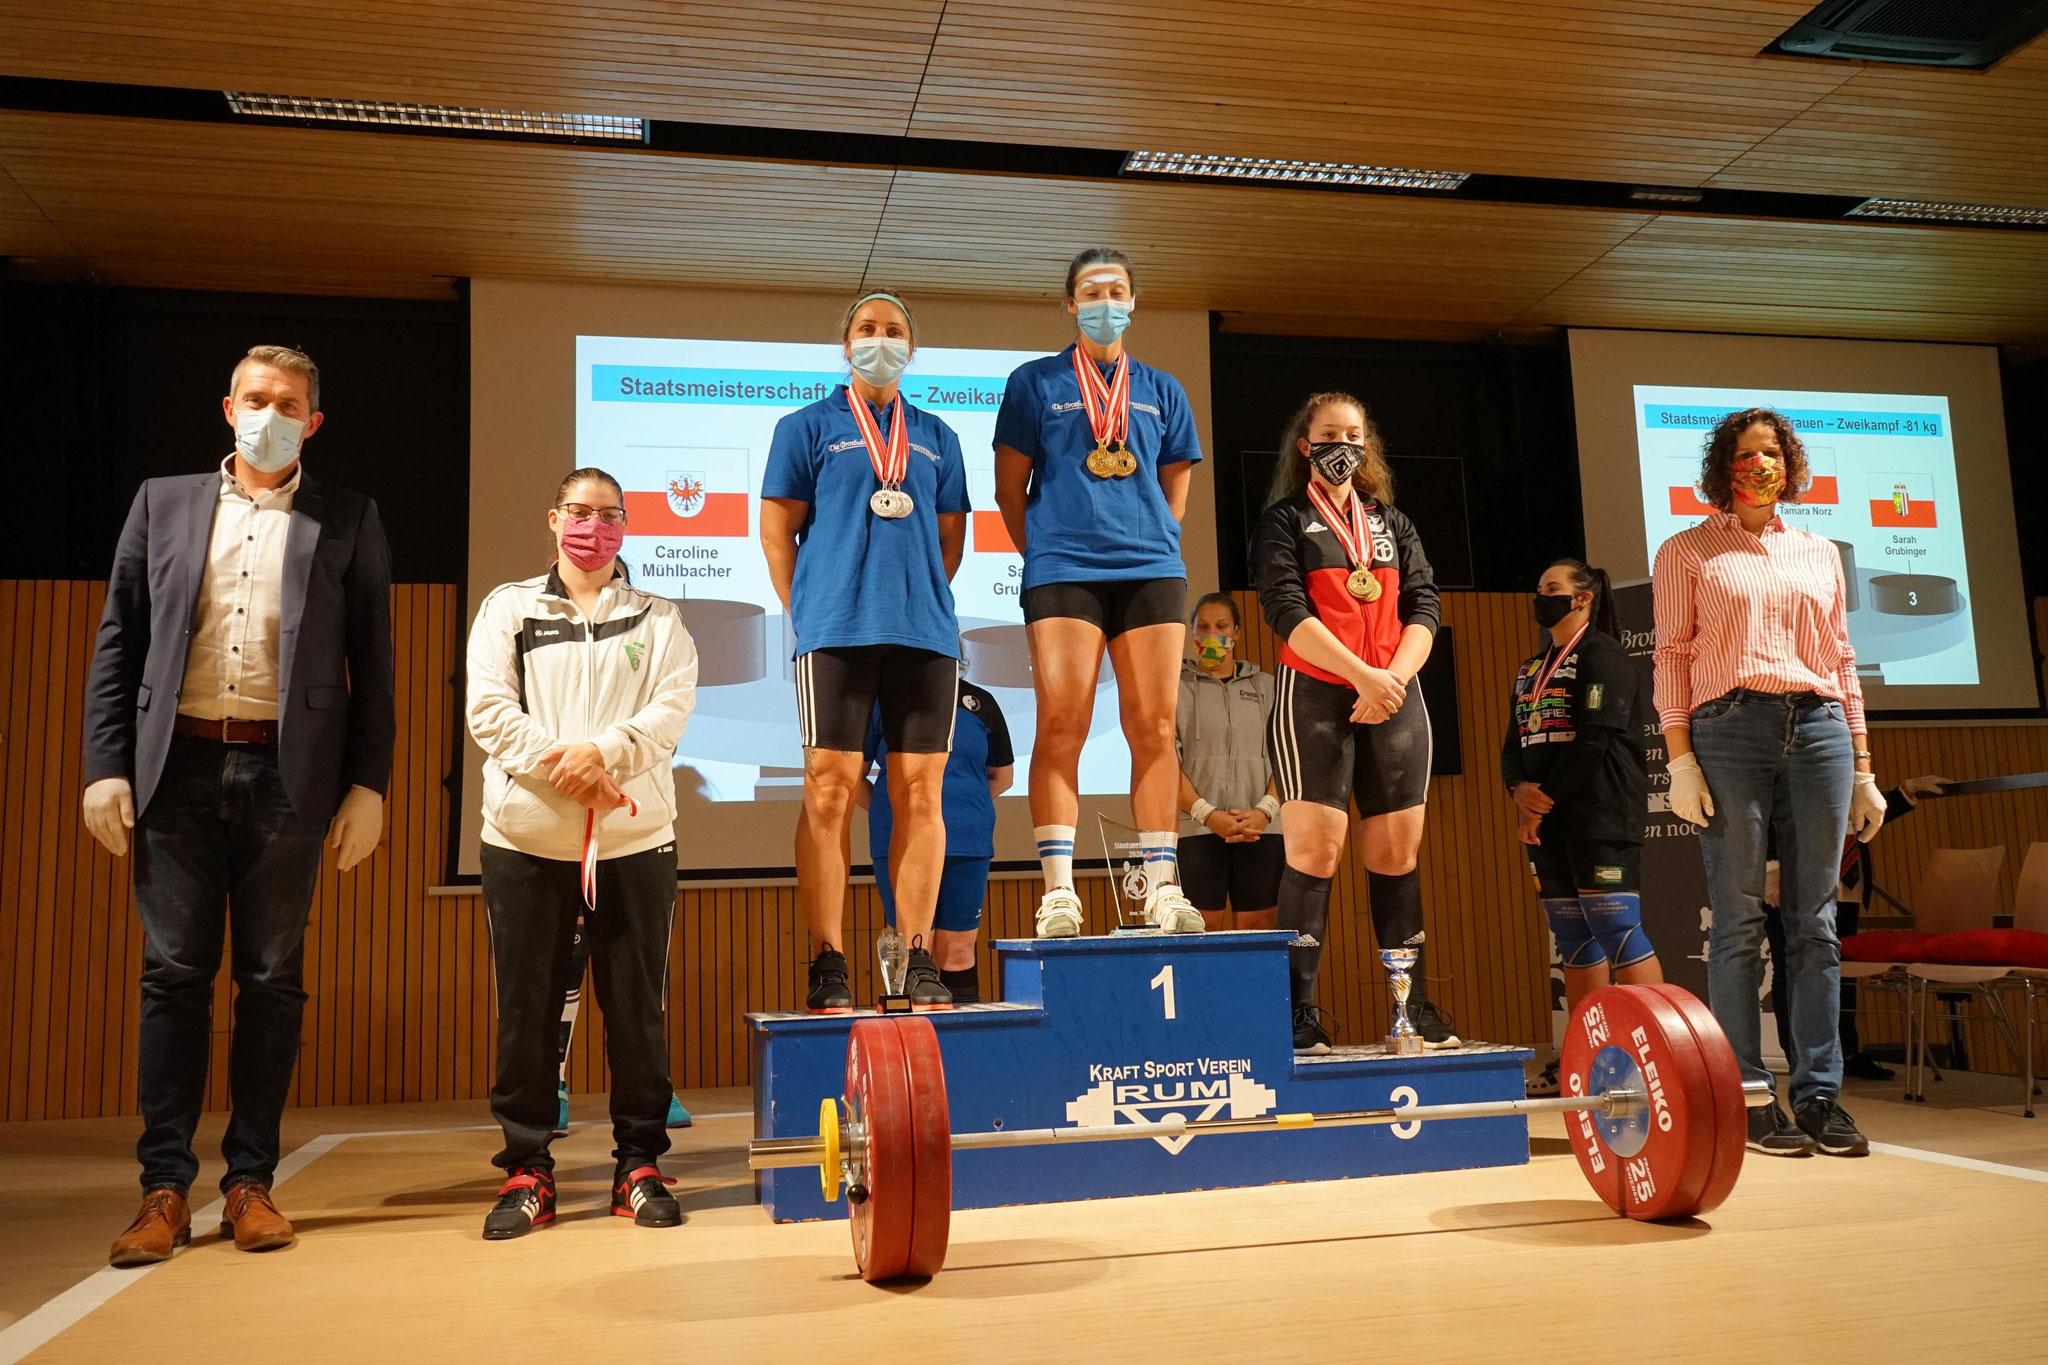 03.10.2020 - Staatsmeisterschaft der Frauen im Gewichtheben in Rum